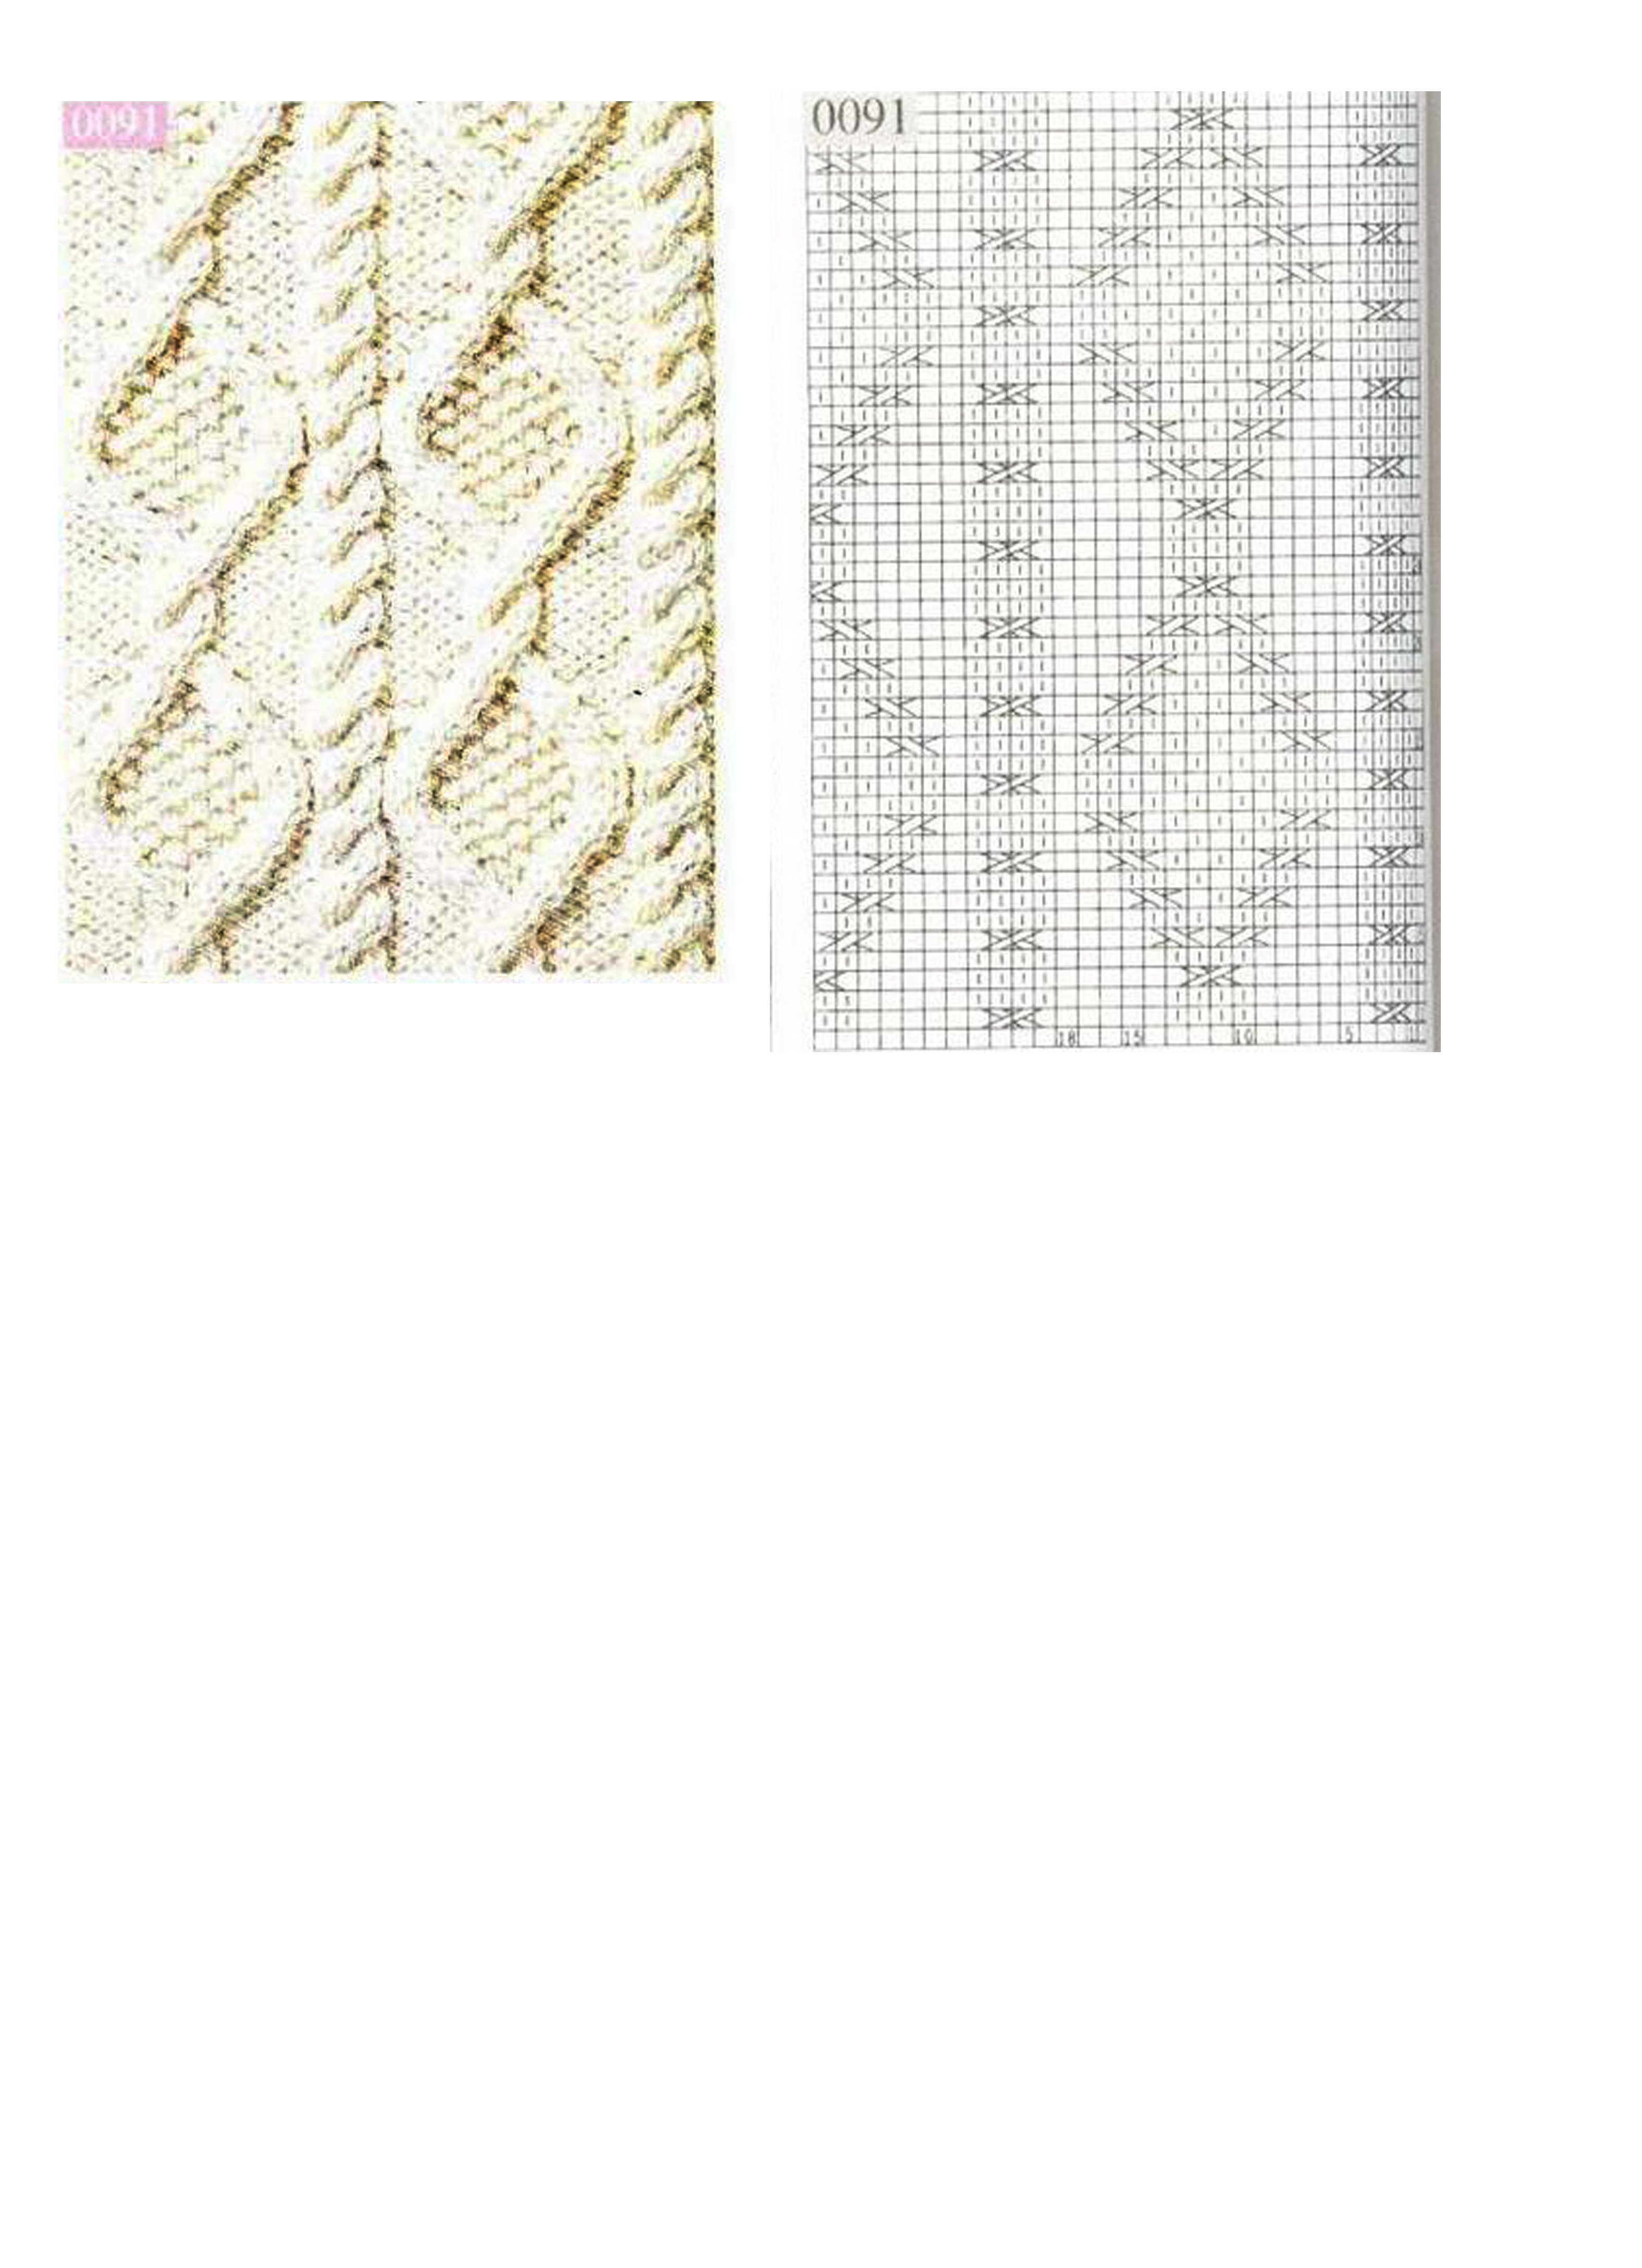 Вязание крупные ромбы спицами и жгуты красивые переплеты 11